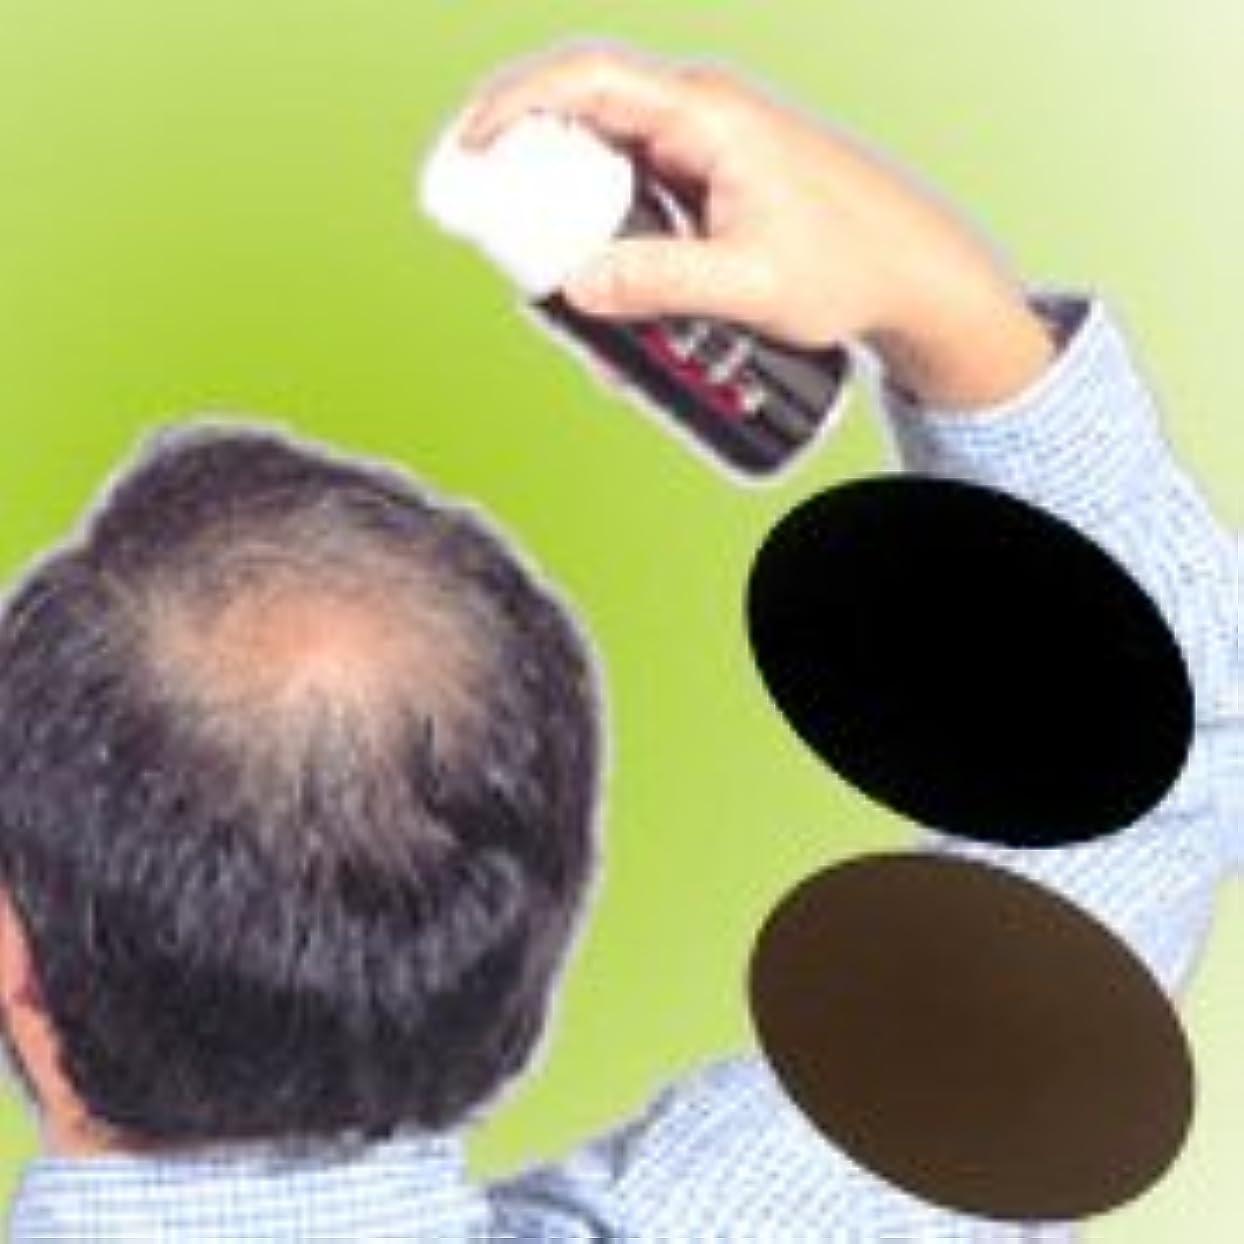 不完全ねばねば祖父母を訪問薄毛?白髪をワンタッチで隠します!男女兼用タイプの増毛スプレー!!【トミーリッチ ブラックヘアー】 (注意!商品の内訳は「ブラウン<数量12単位>」のみ)